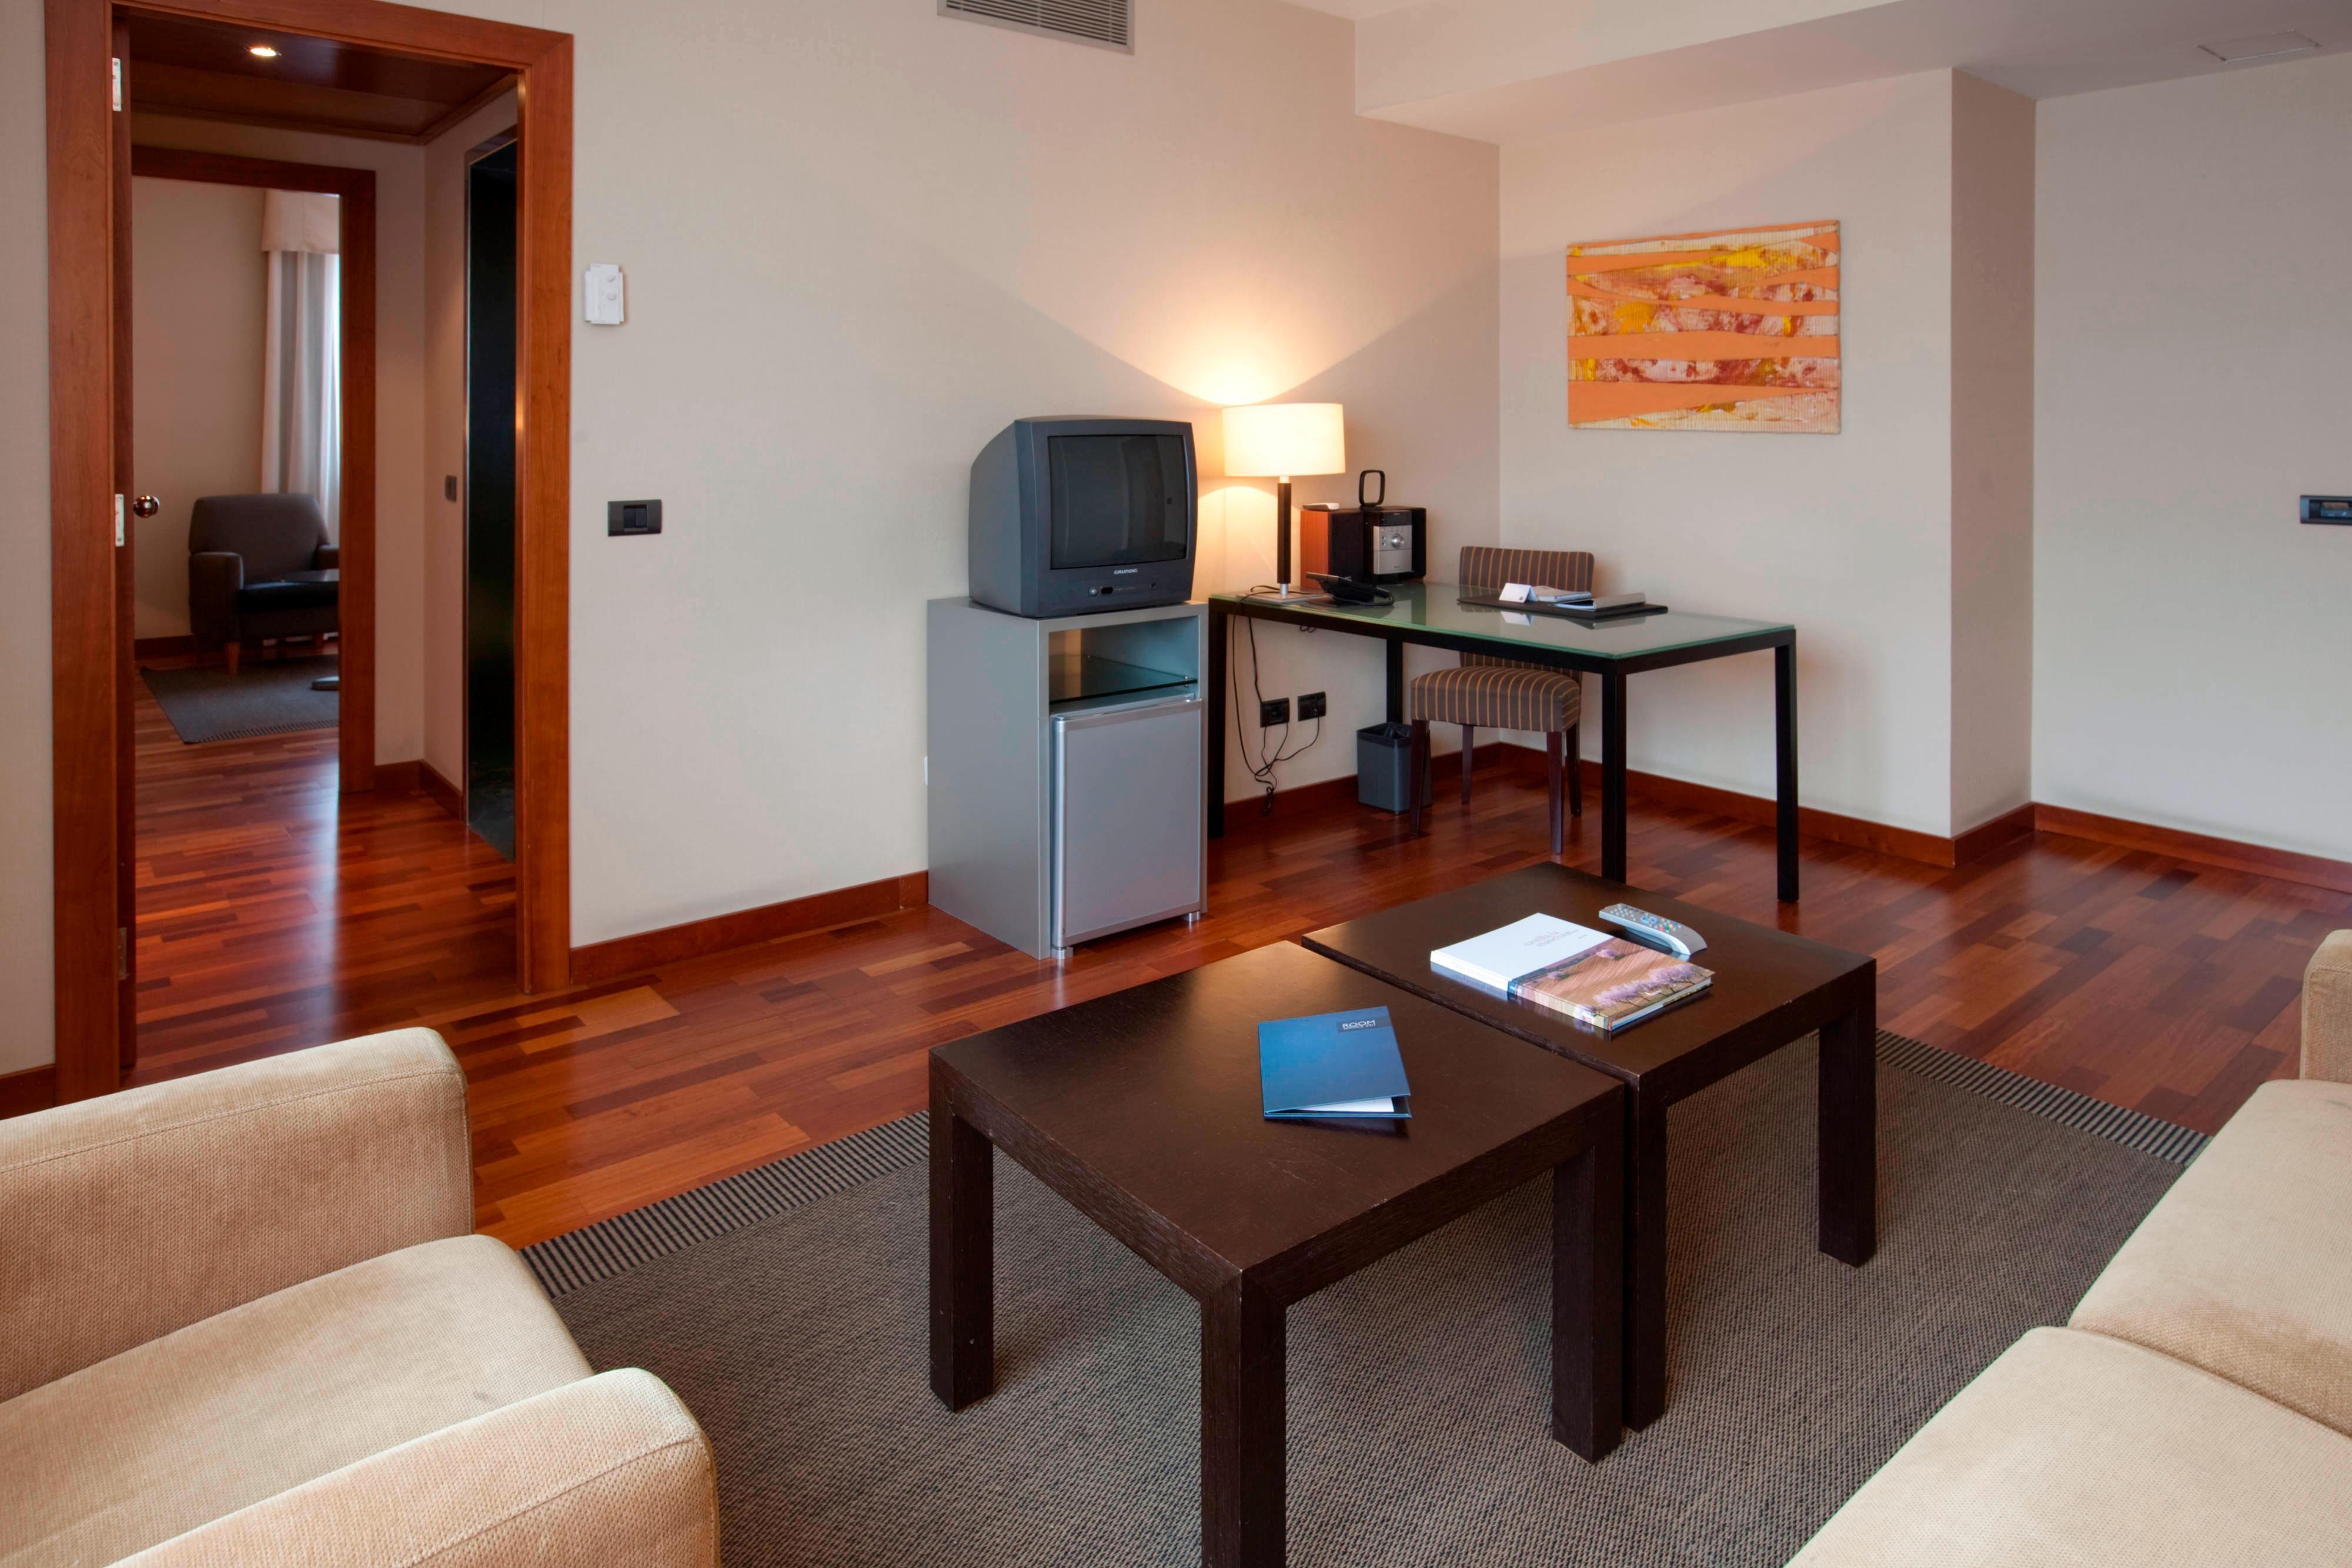 Chambre d'hôtel à Guadalajara